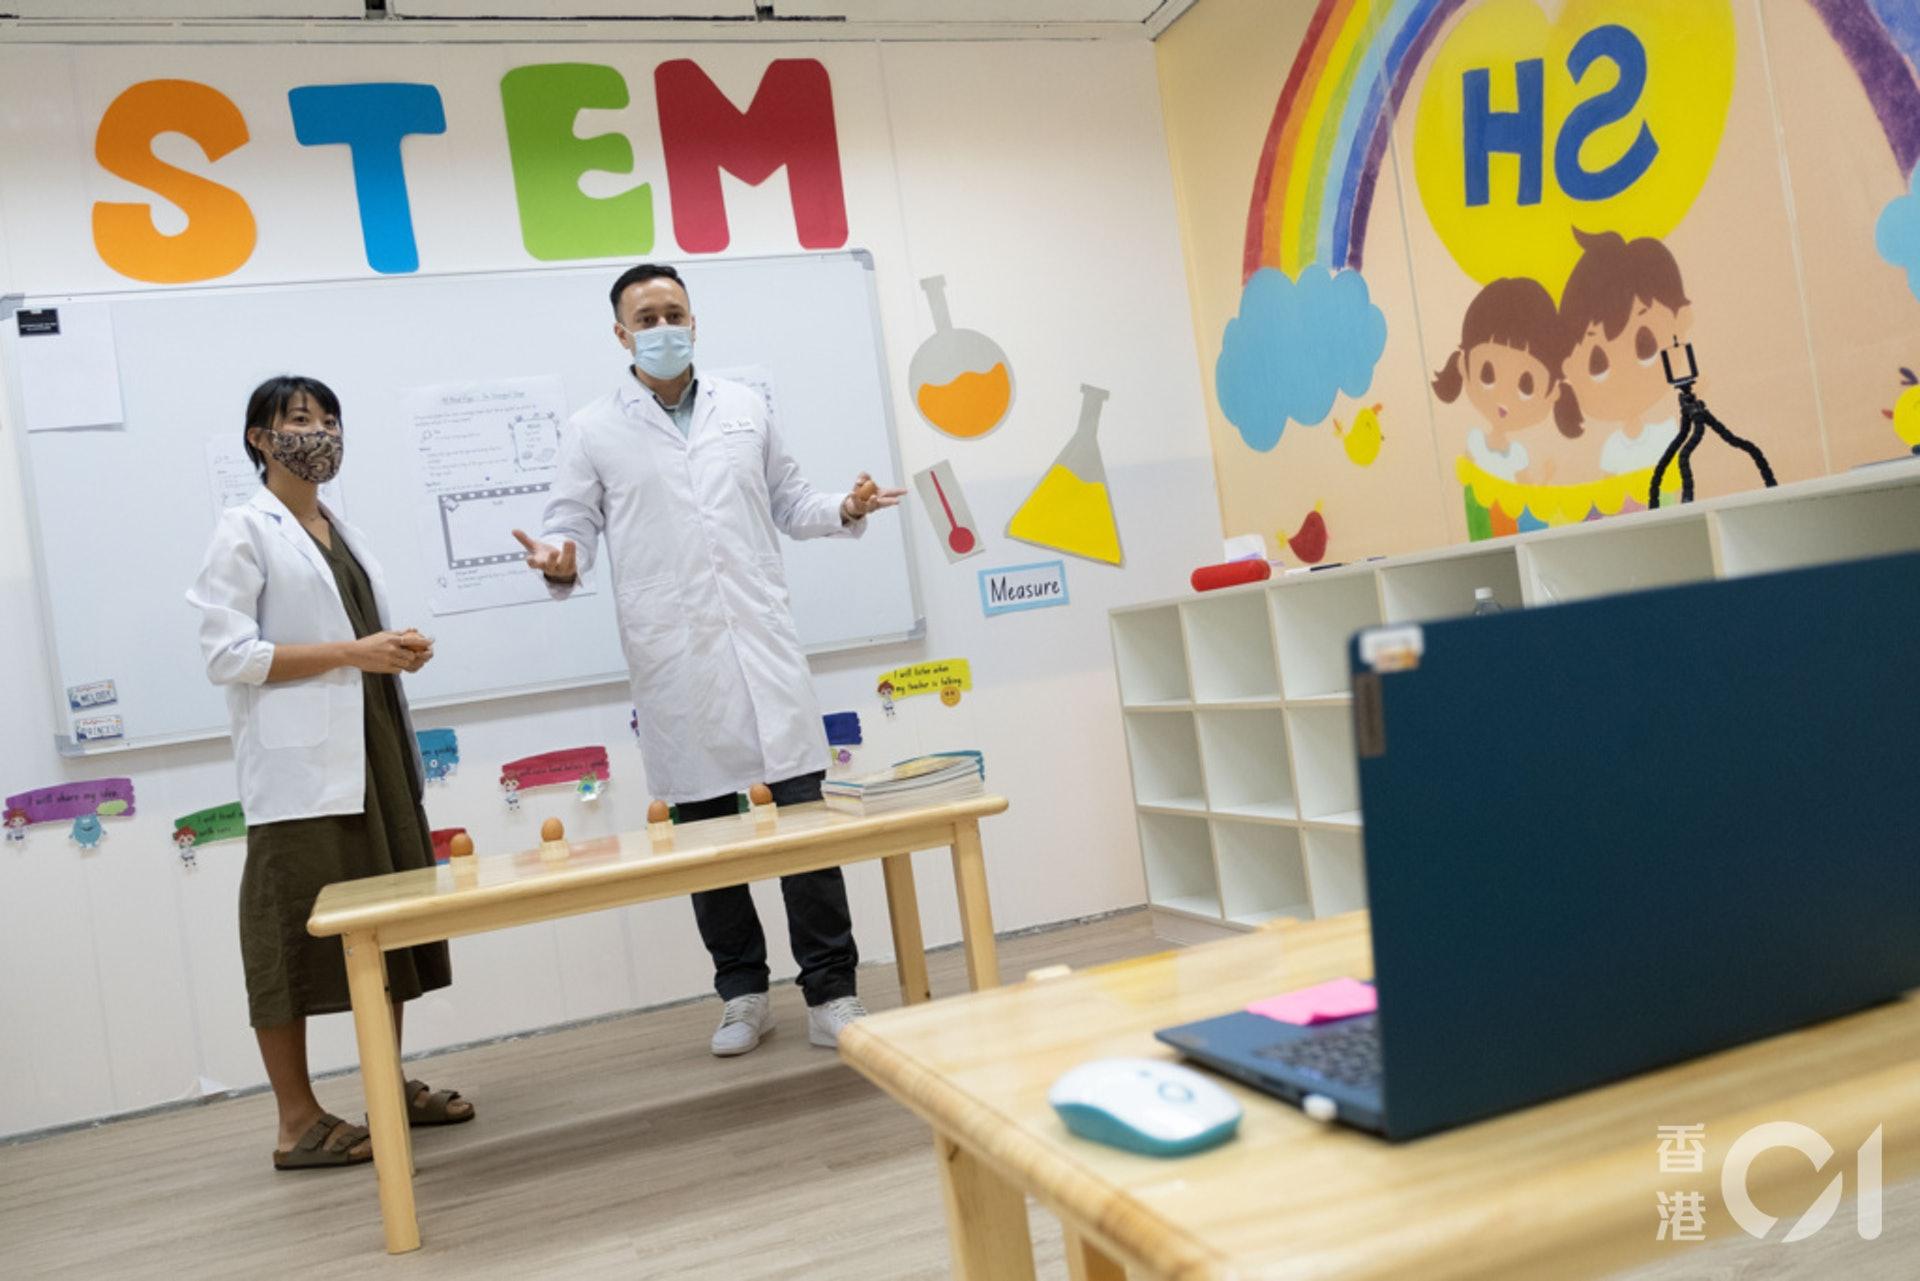 德萃幼稚園以英語為主要教學語言,網課期間,周四會集中教數學或科學小知識。(盧翊銘攝)